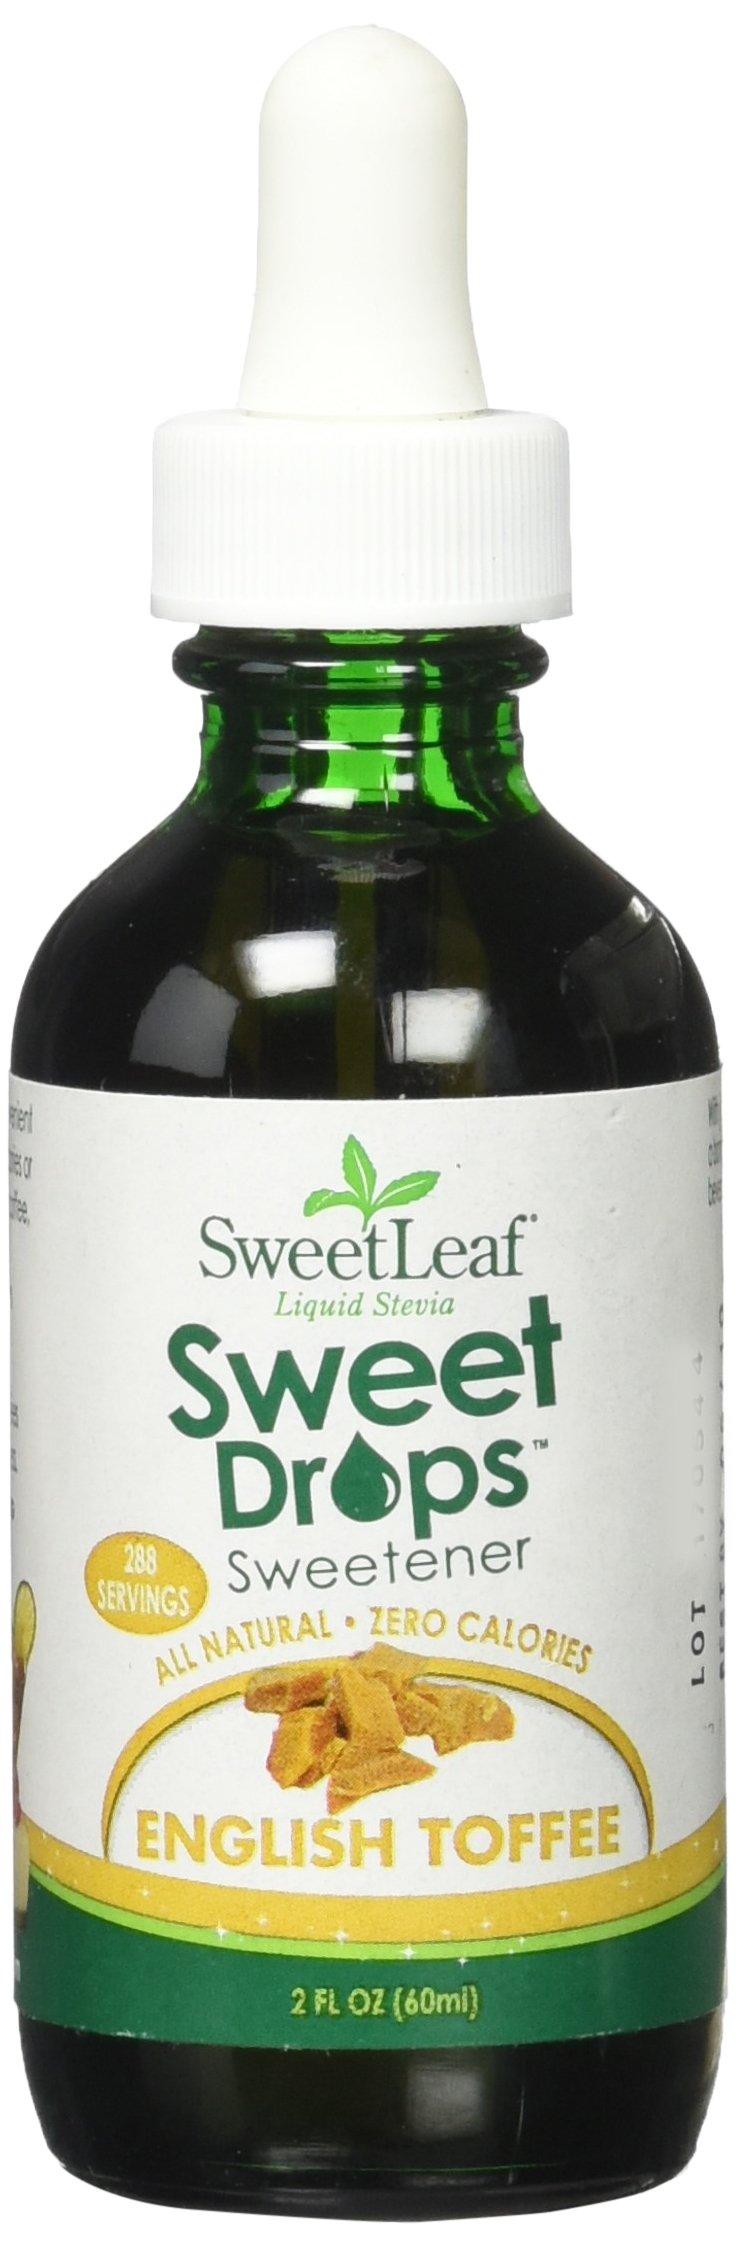 Sweet Leaf LIq Stevia, Clear, Toffee, 2 Fl Oz (5 pack)